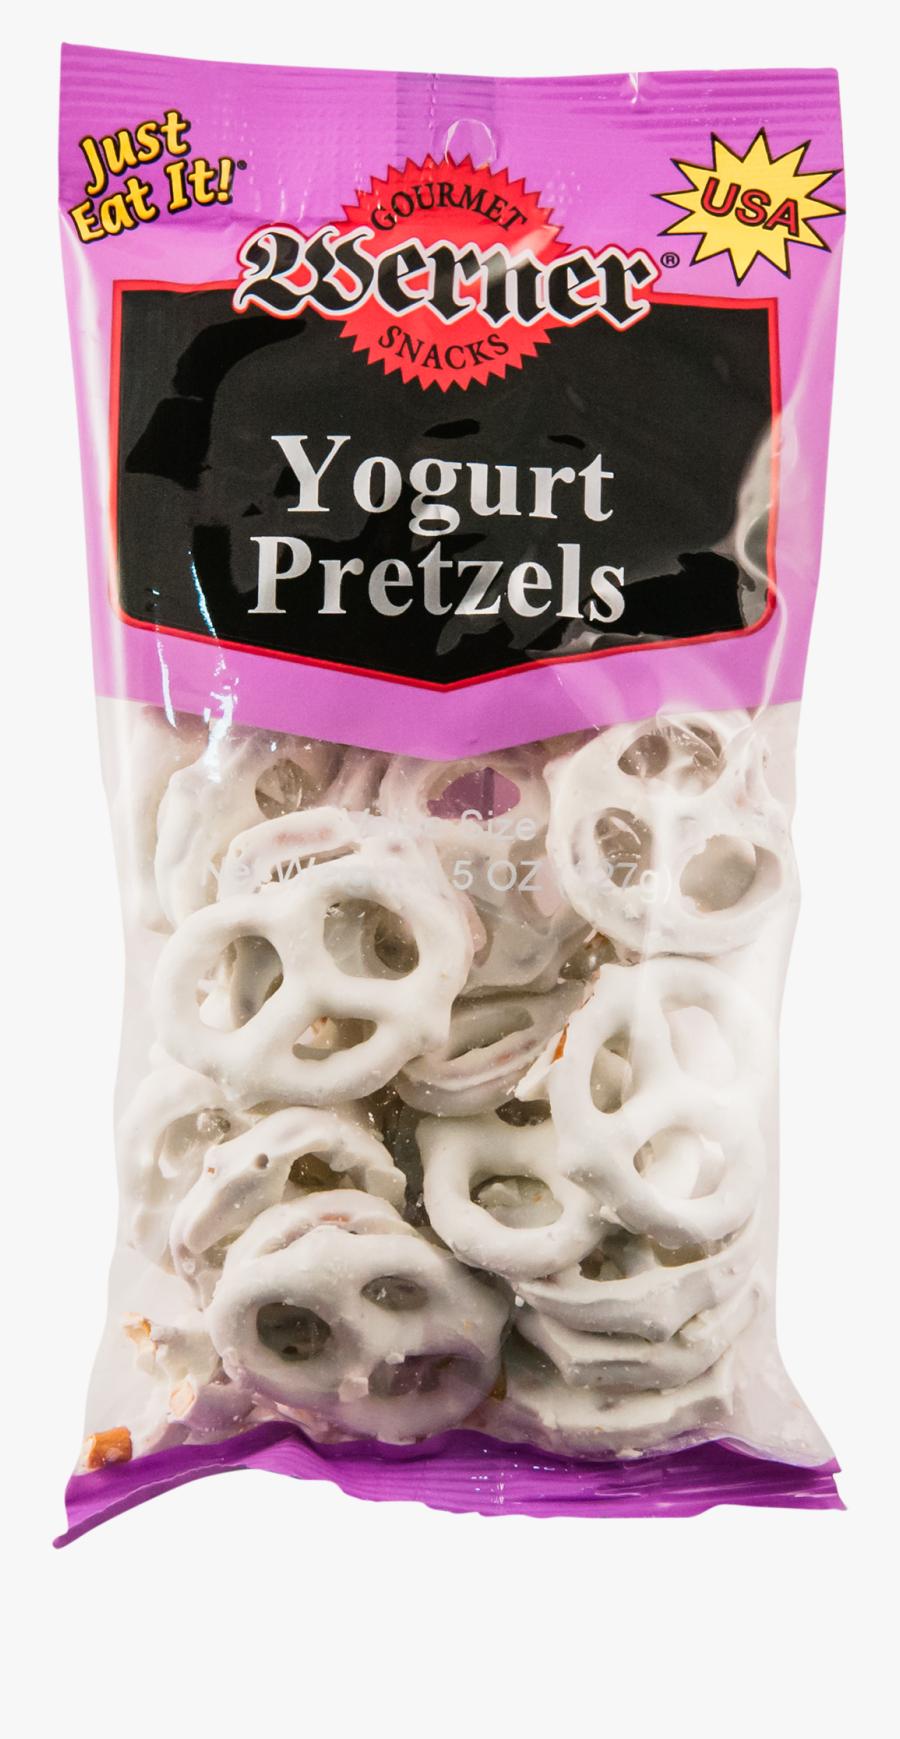 """Yogurt Pretzels""""  Class=""""lazyload Lazyload Fade In""""  - 1 Oz Yogurt Pretzels, Transparent Clipart"""